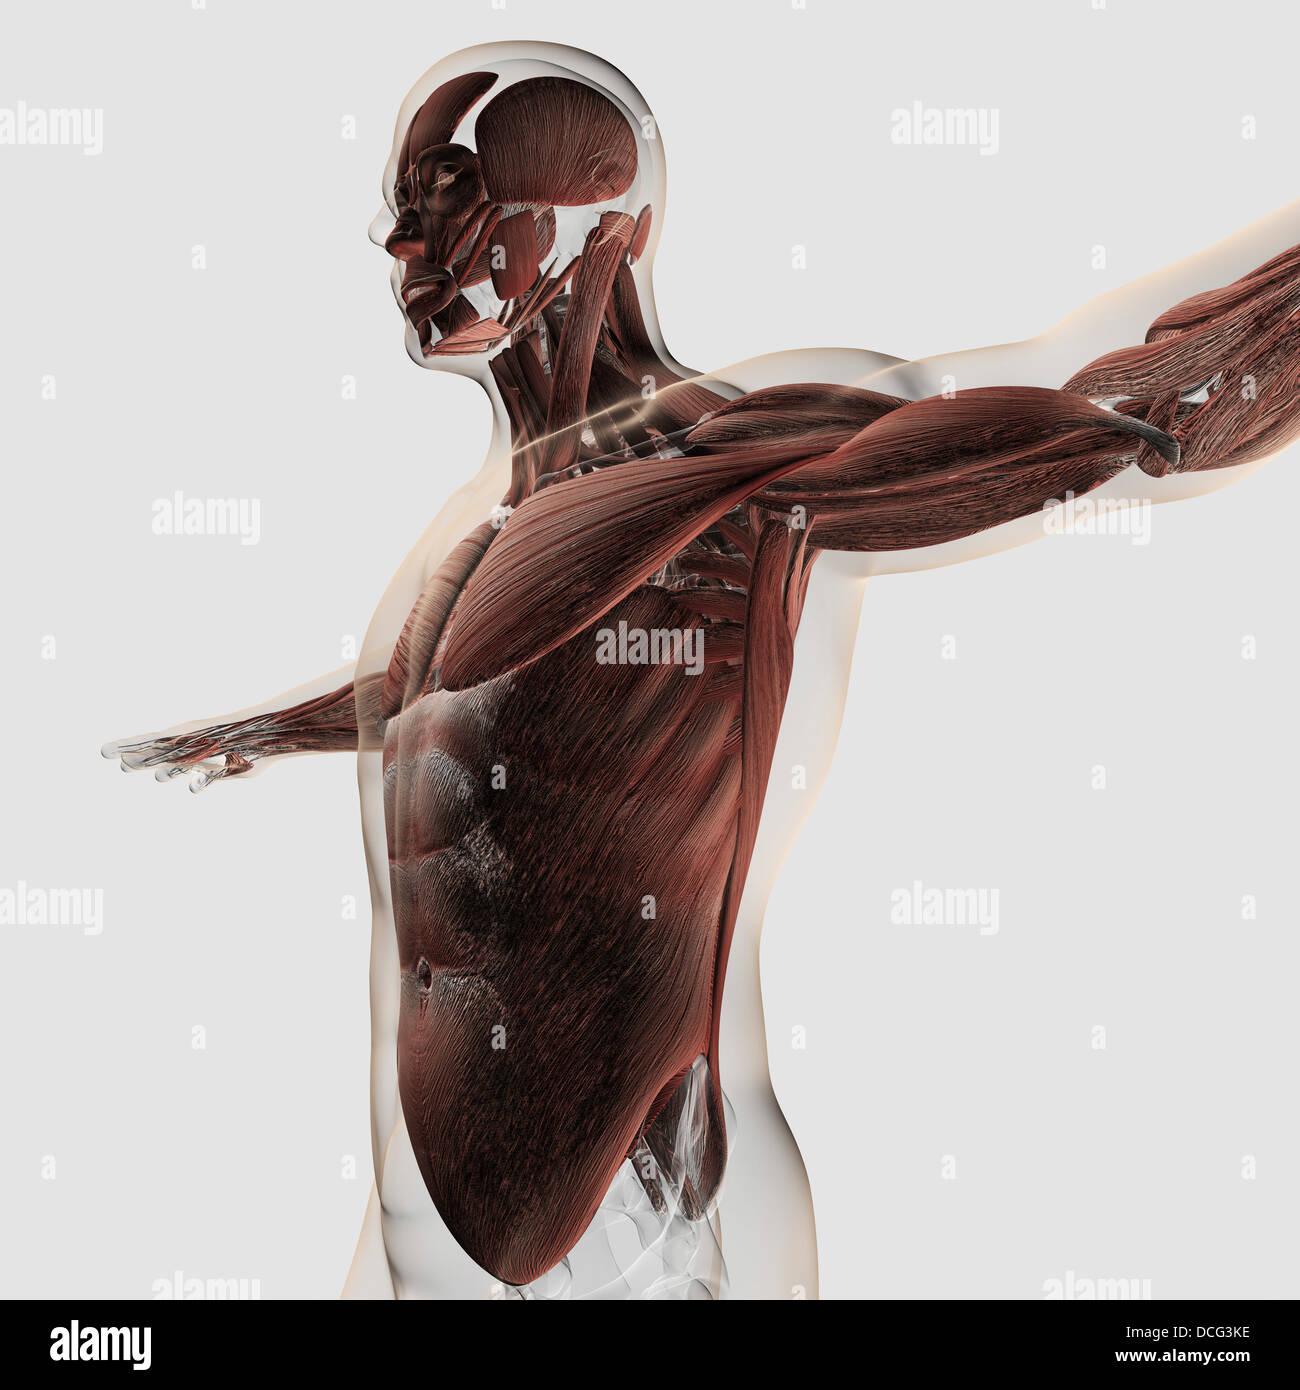 Anatomie des männlichen Muskeln im Oberkörper, Seitenansicht. Stockbild